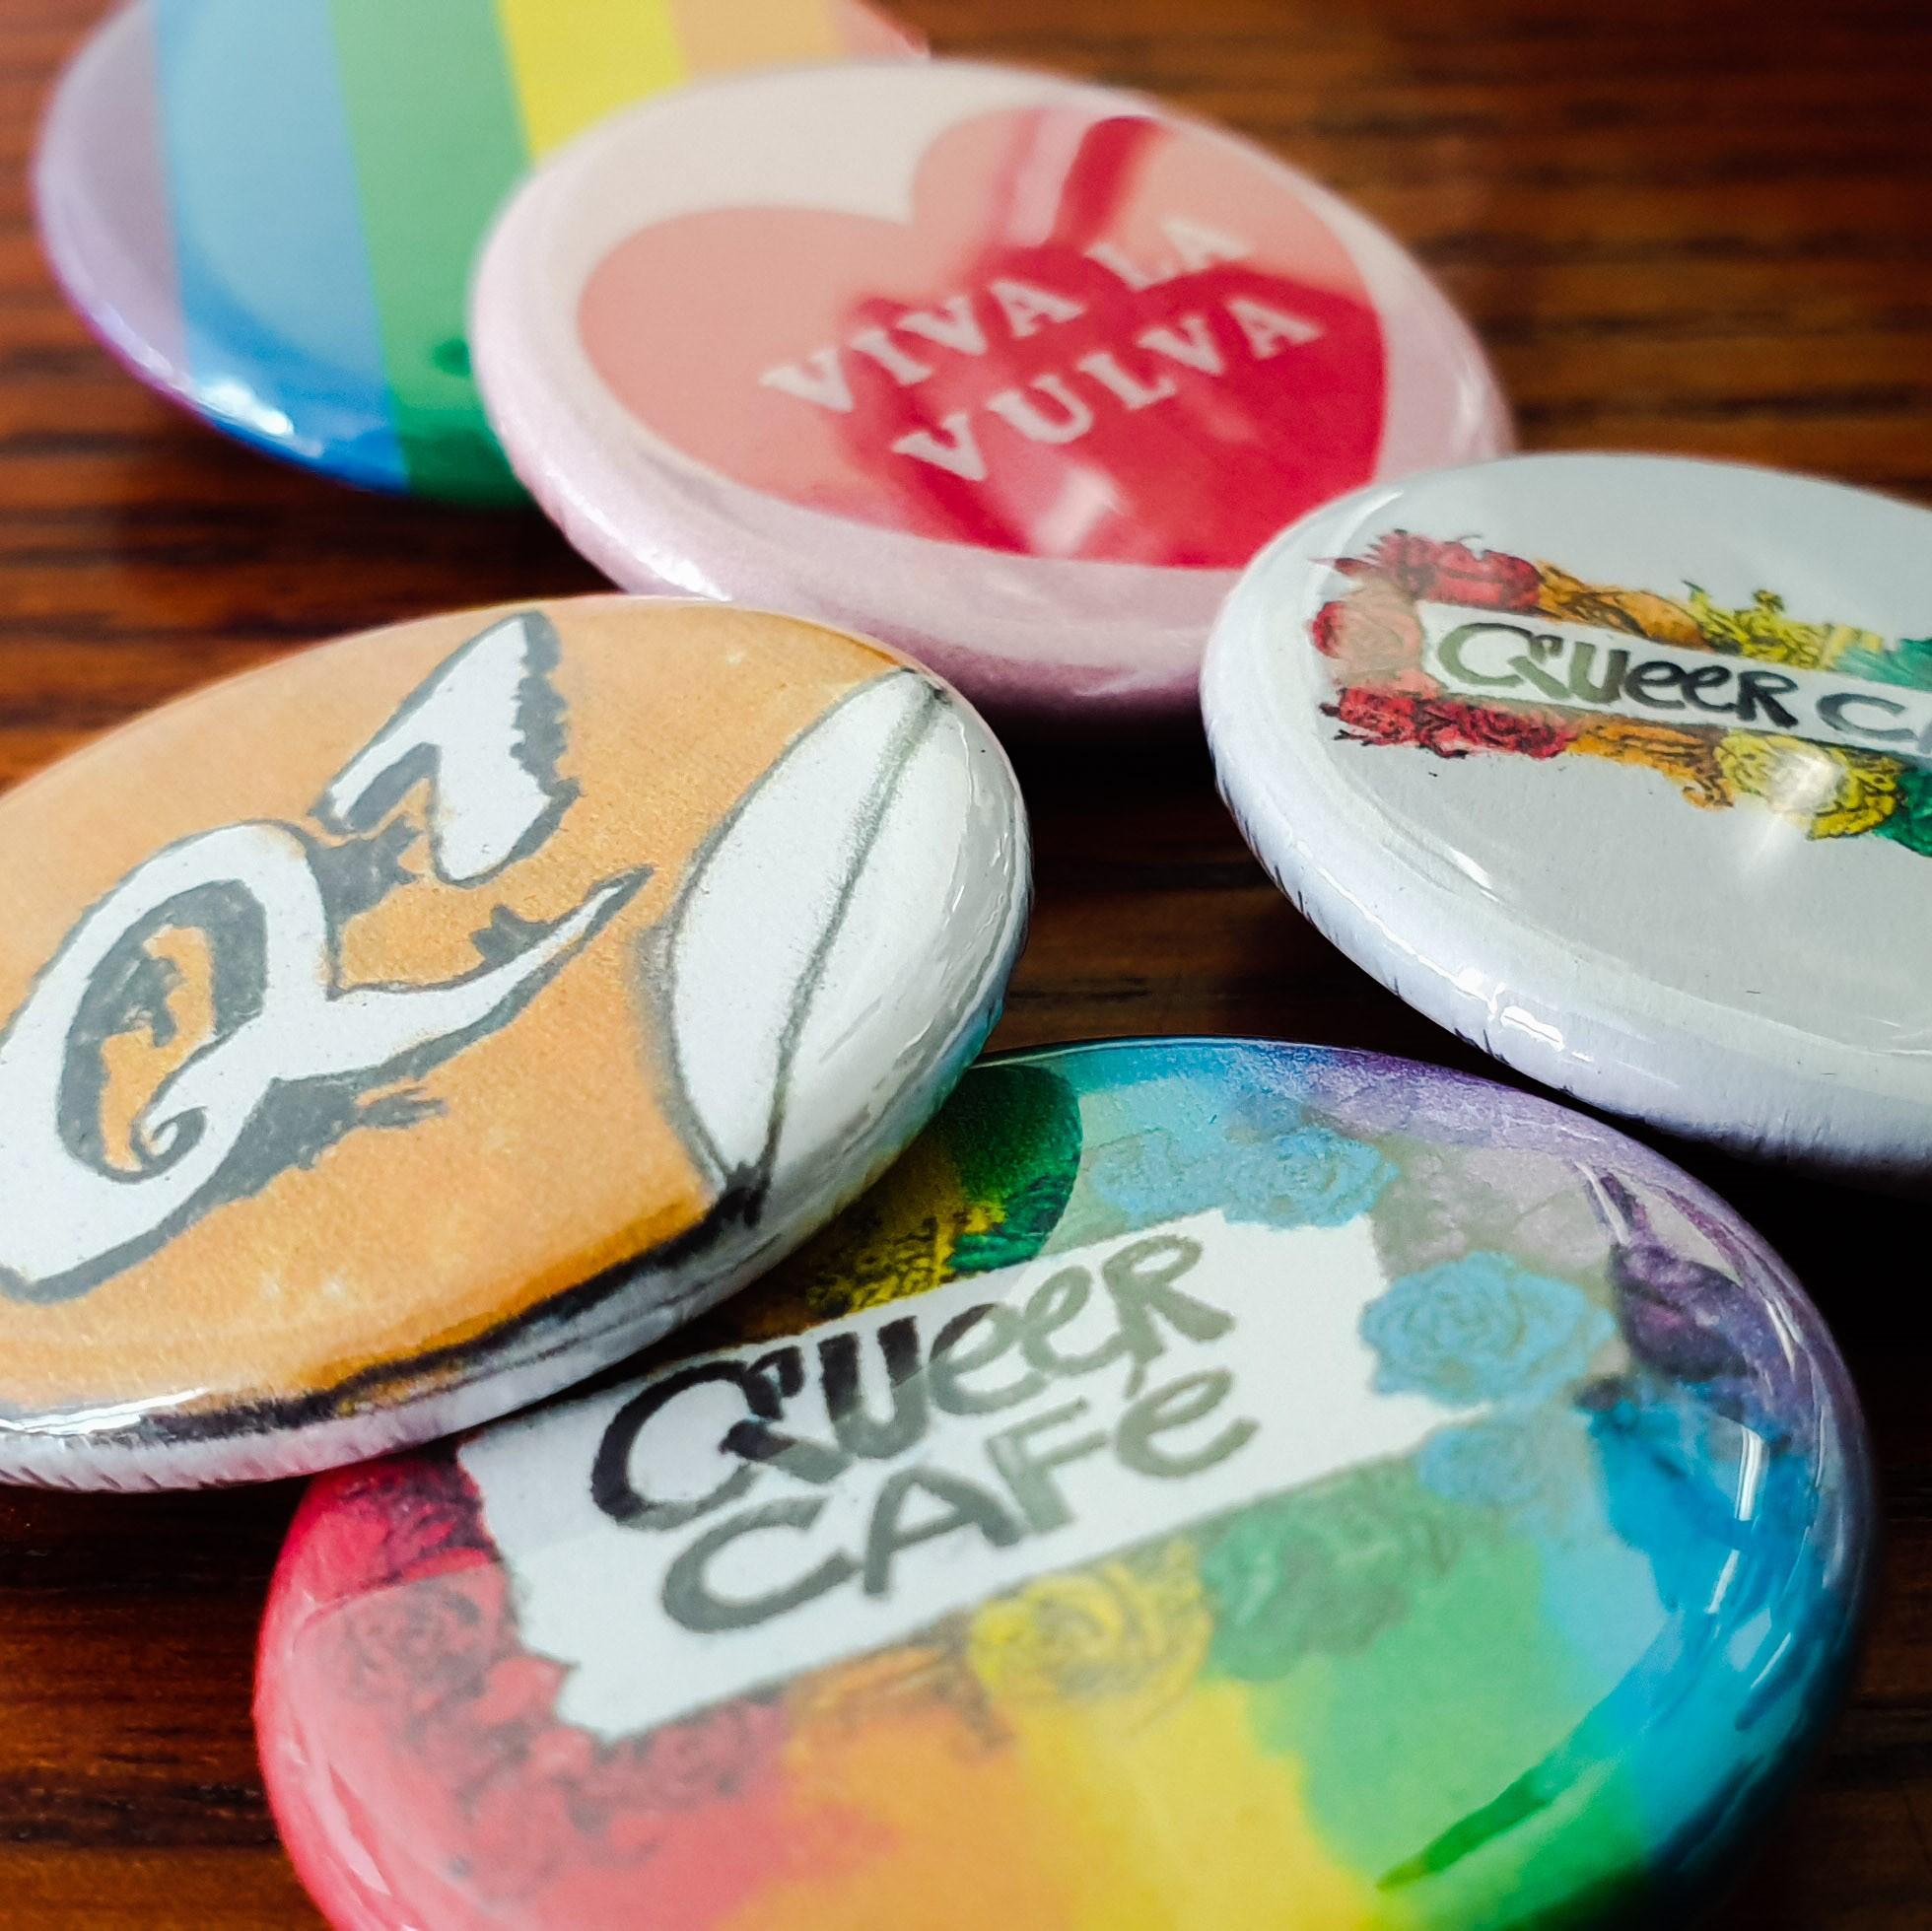 Auf dem Bild befinden sich verschiedene Buttons auf einem steht z.B. Viva Vulva auf einem anderen Queer Cafe